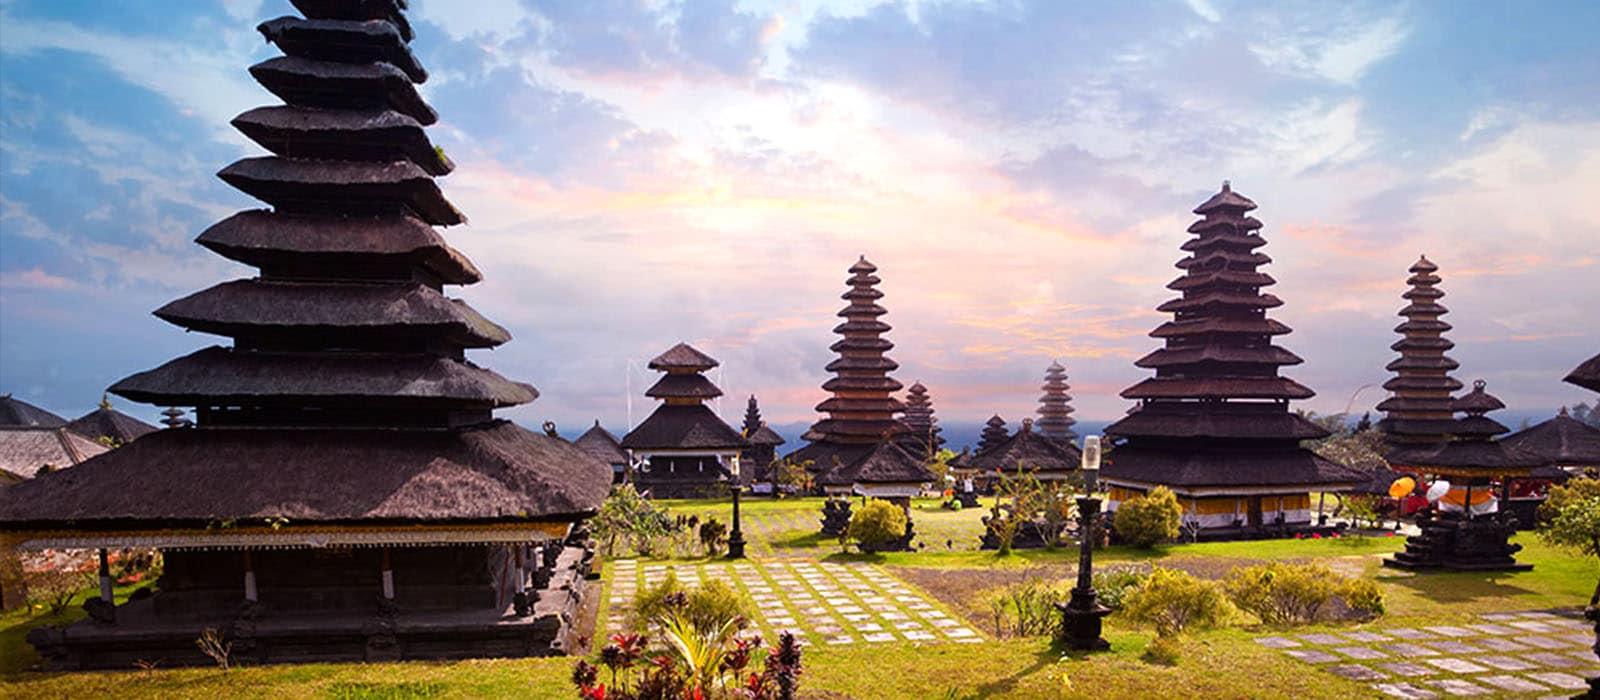 Voyage organisé en petit groupe - Bali - Agence de voyage Les Routes du Monde